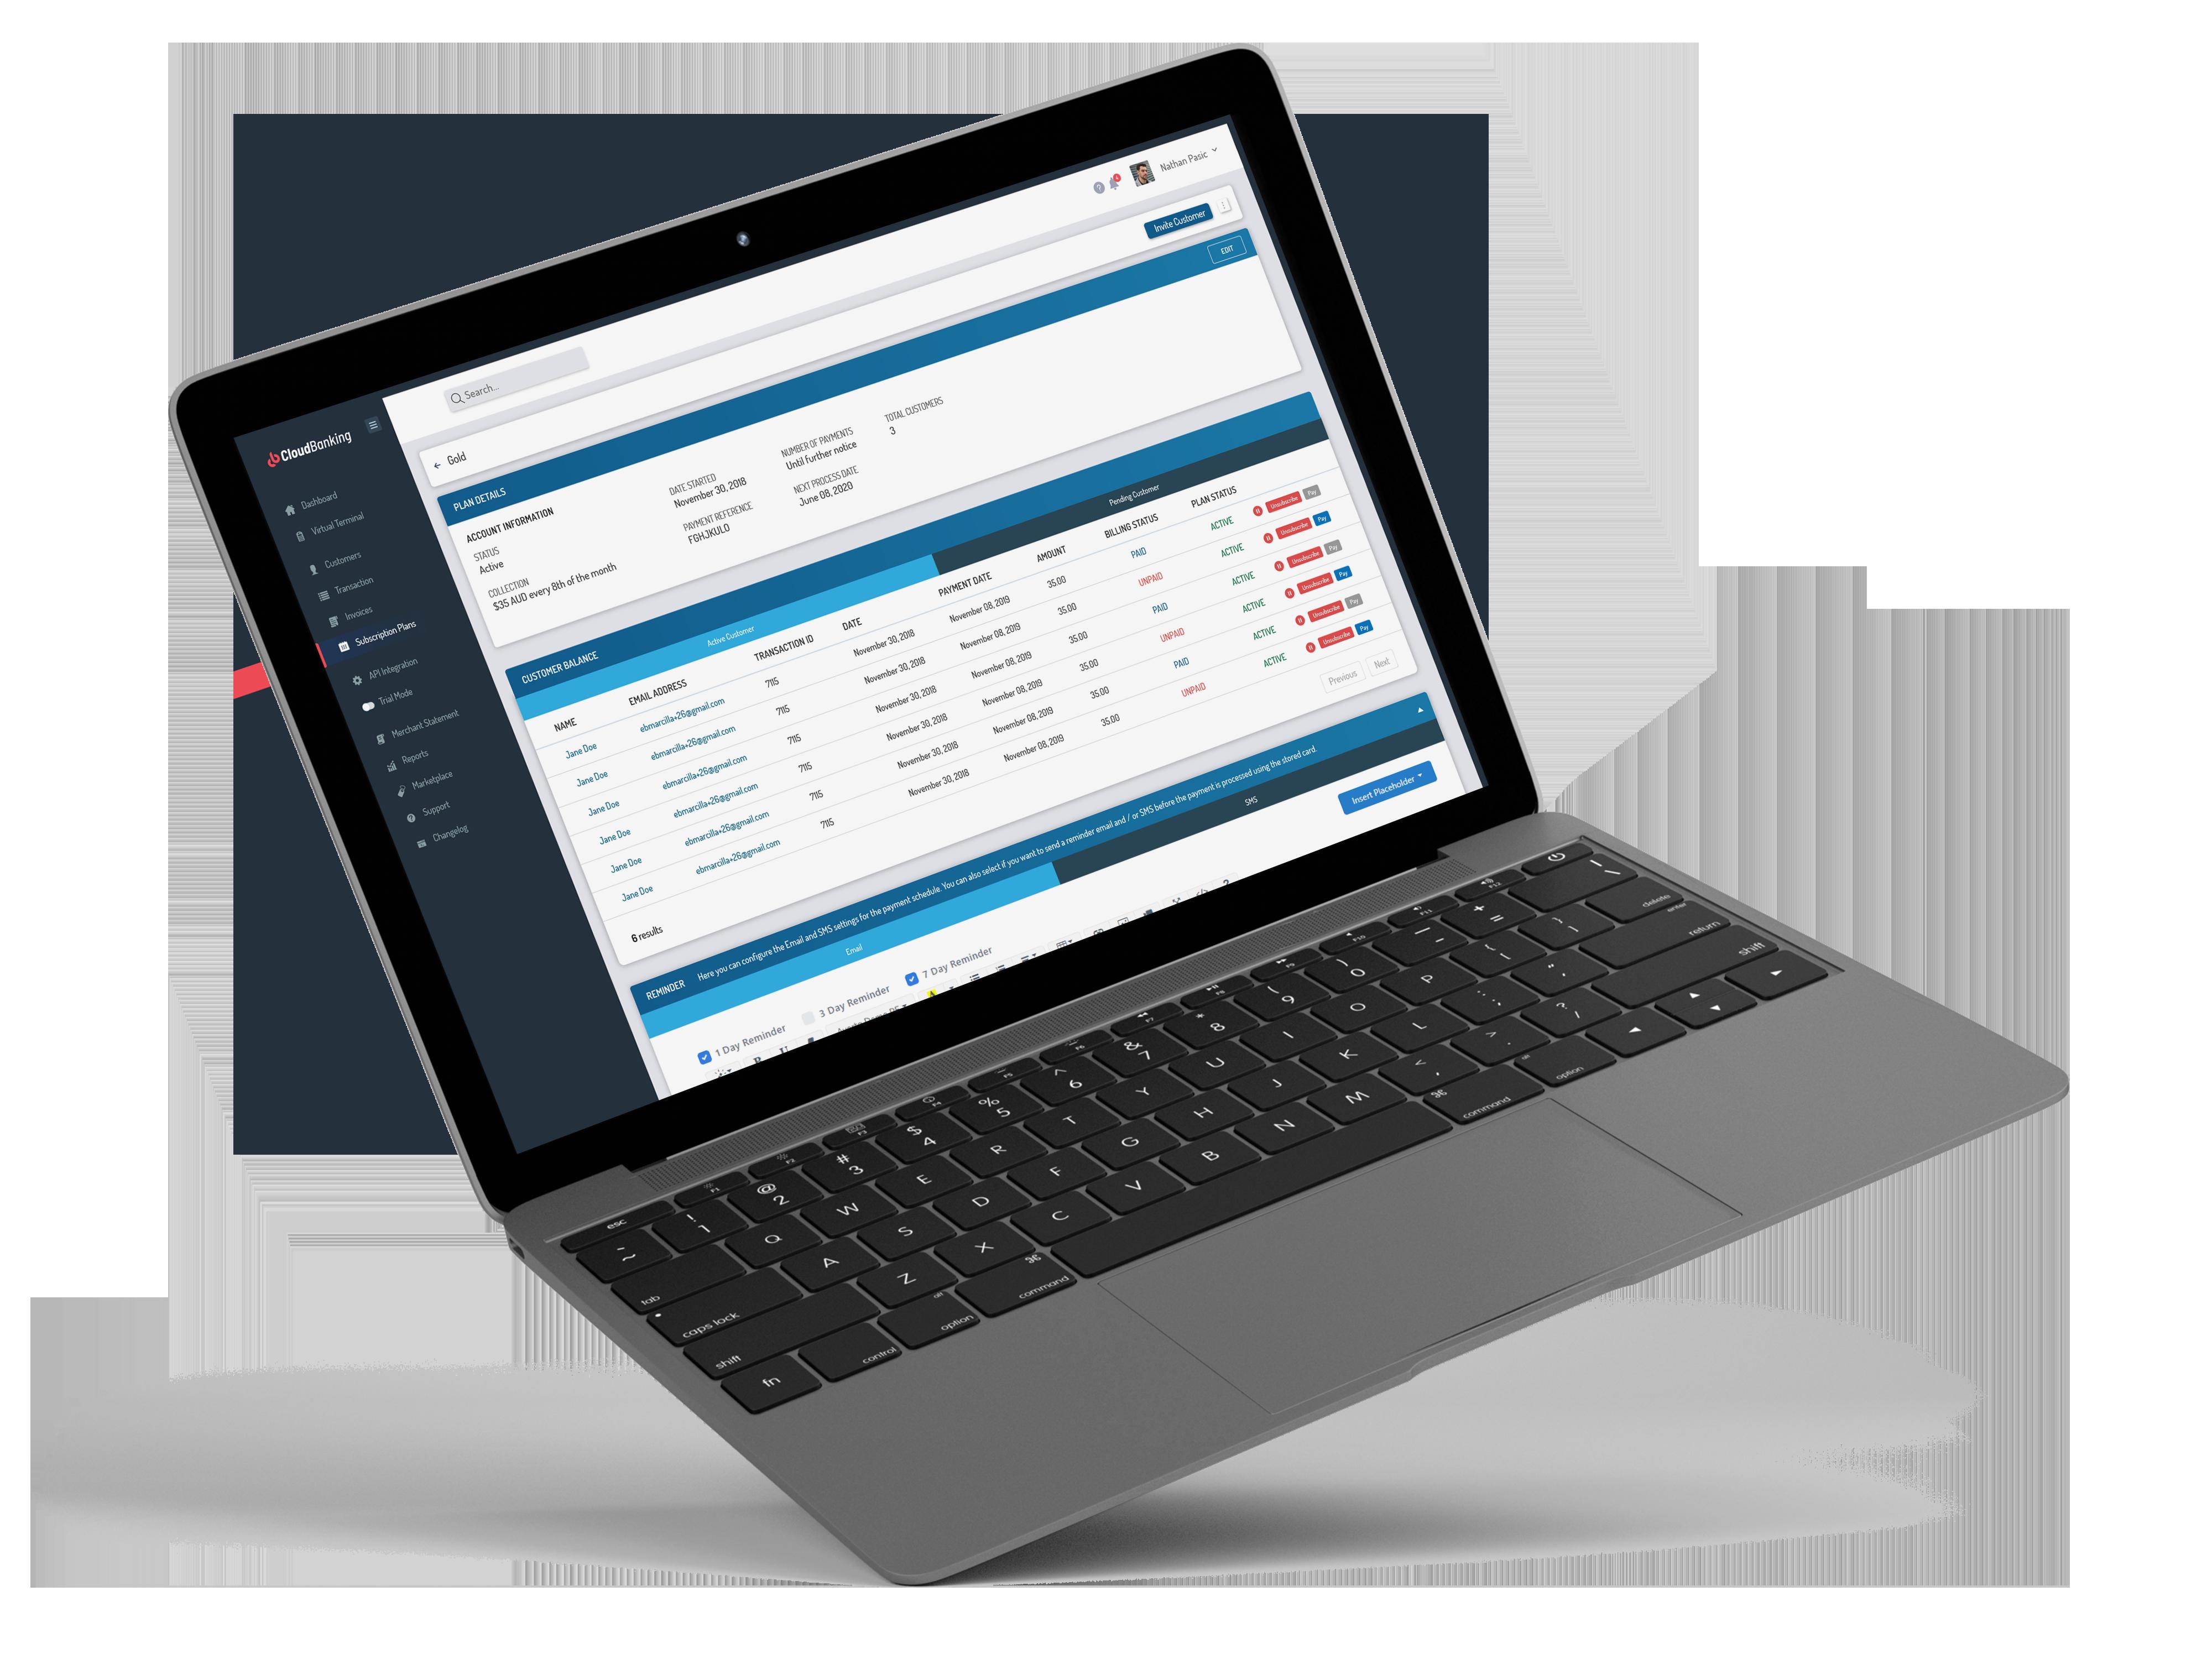 laptop showing cloudbanking report